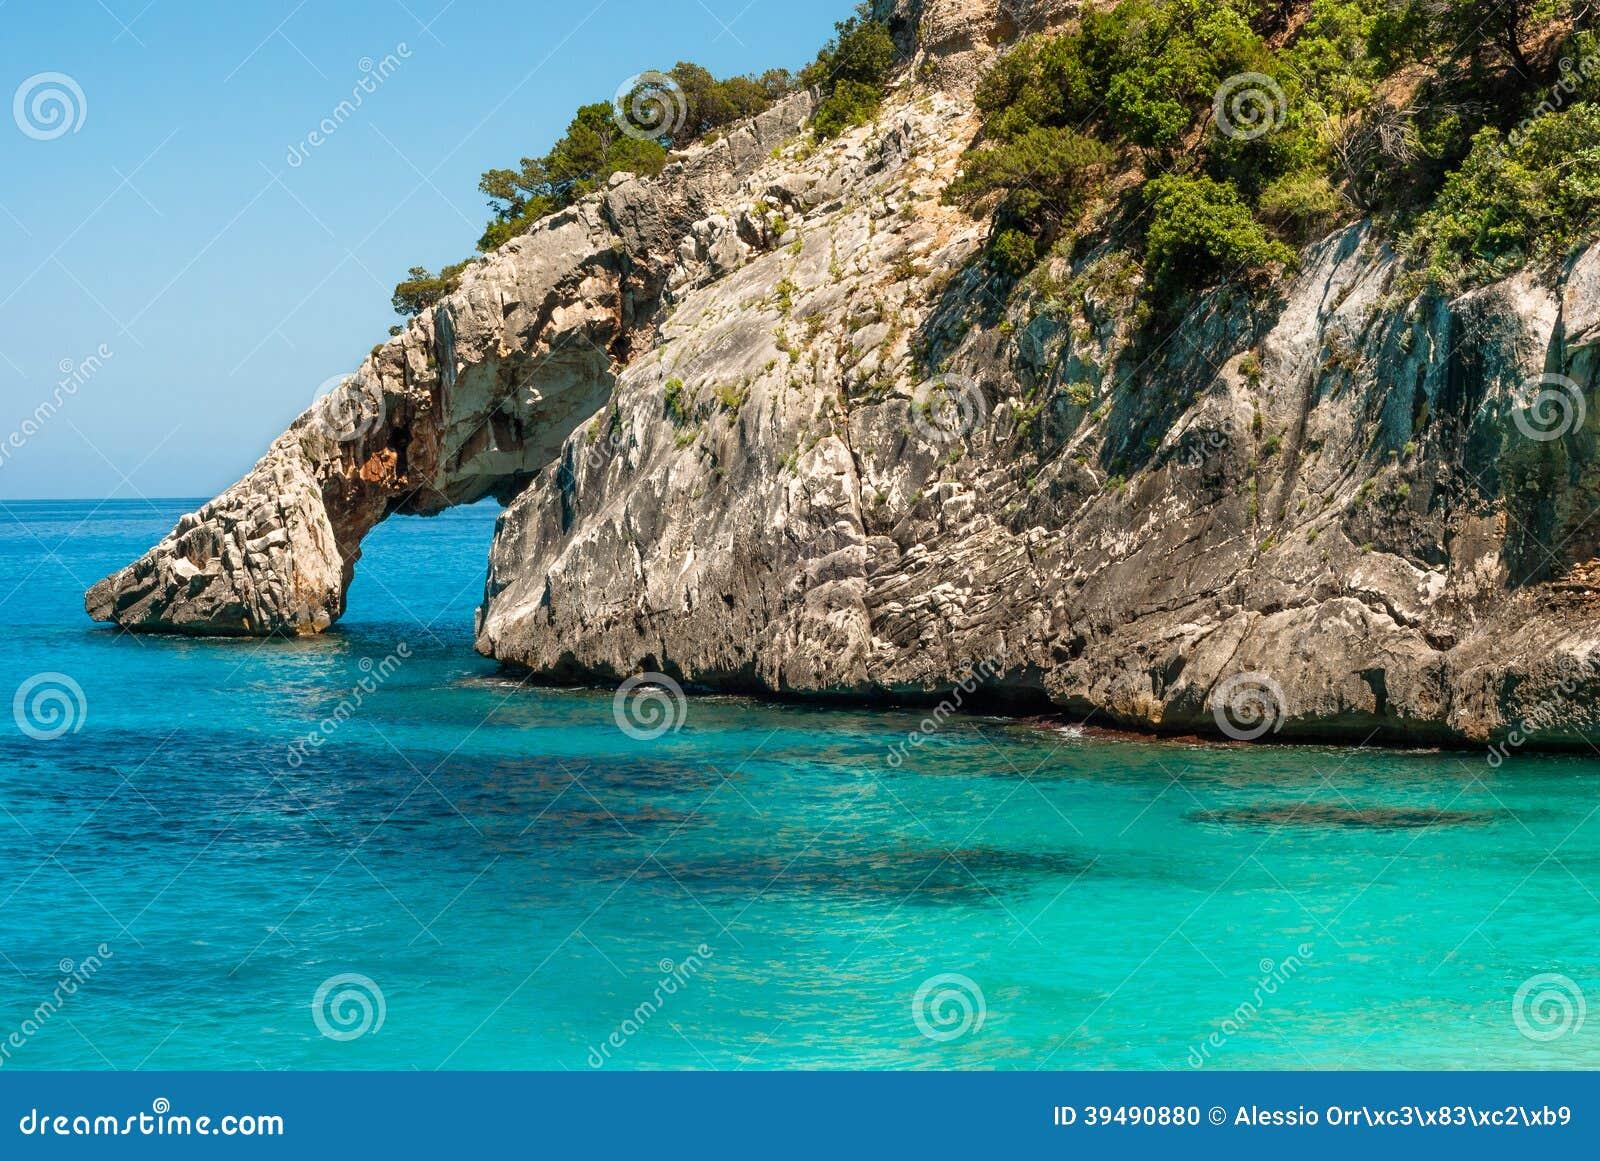 Sardinia, Cala Goloritzè